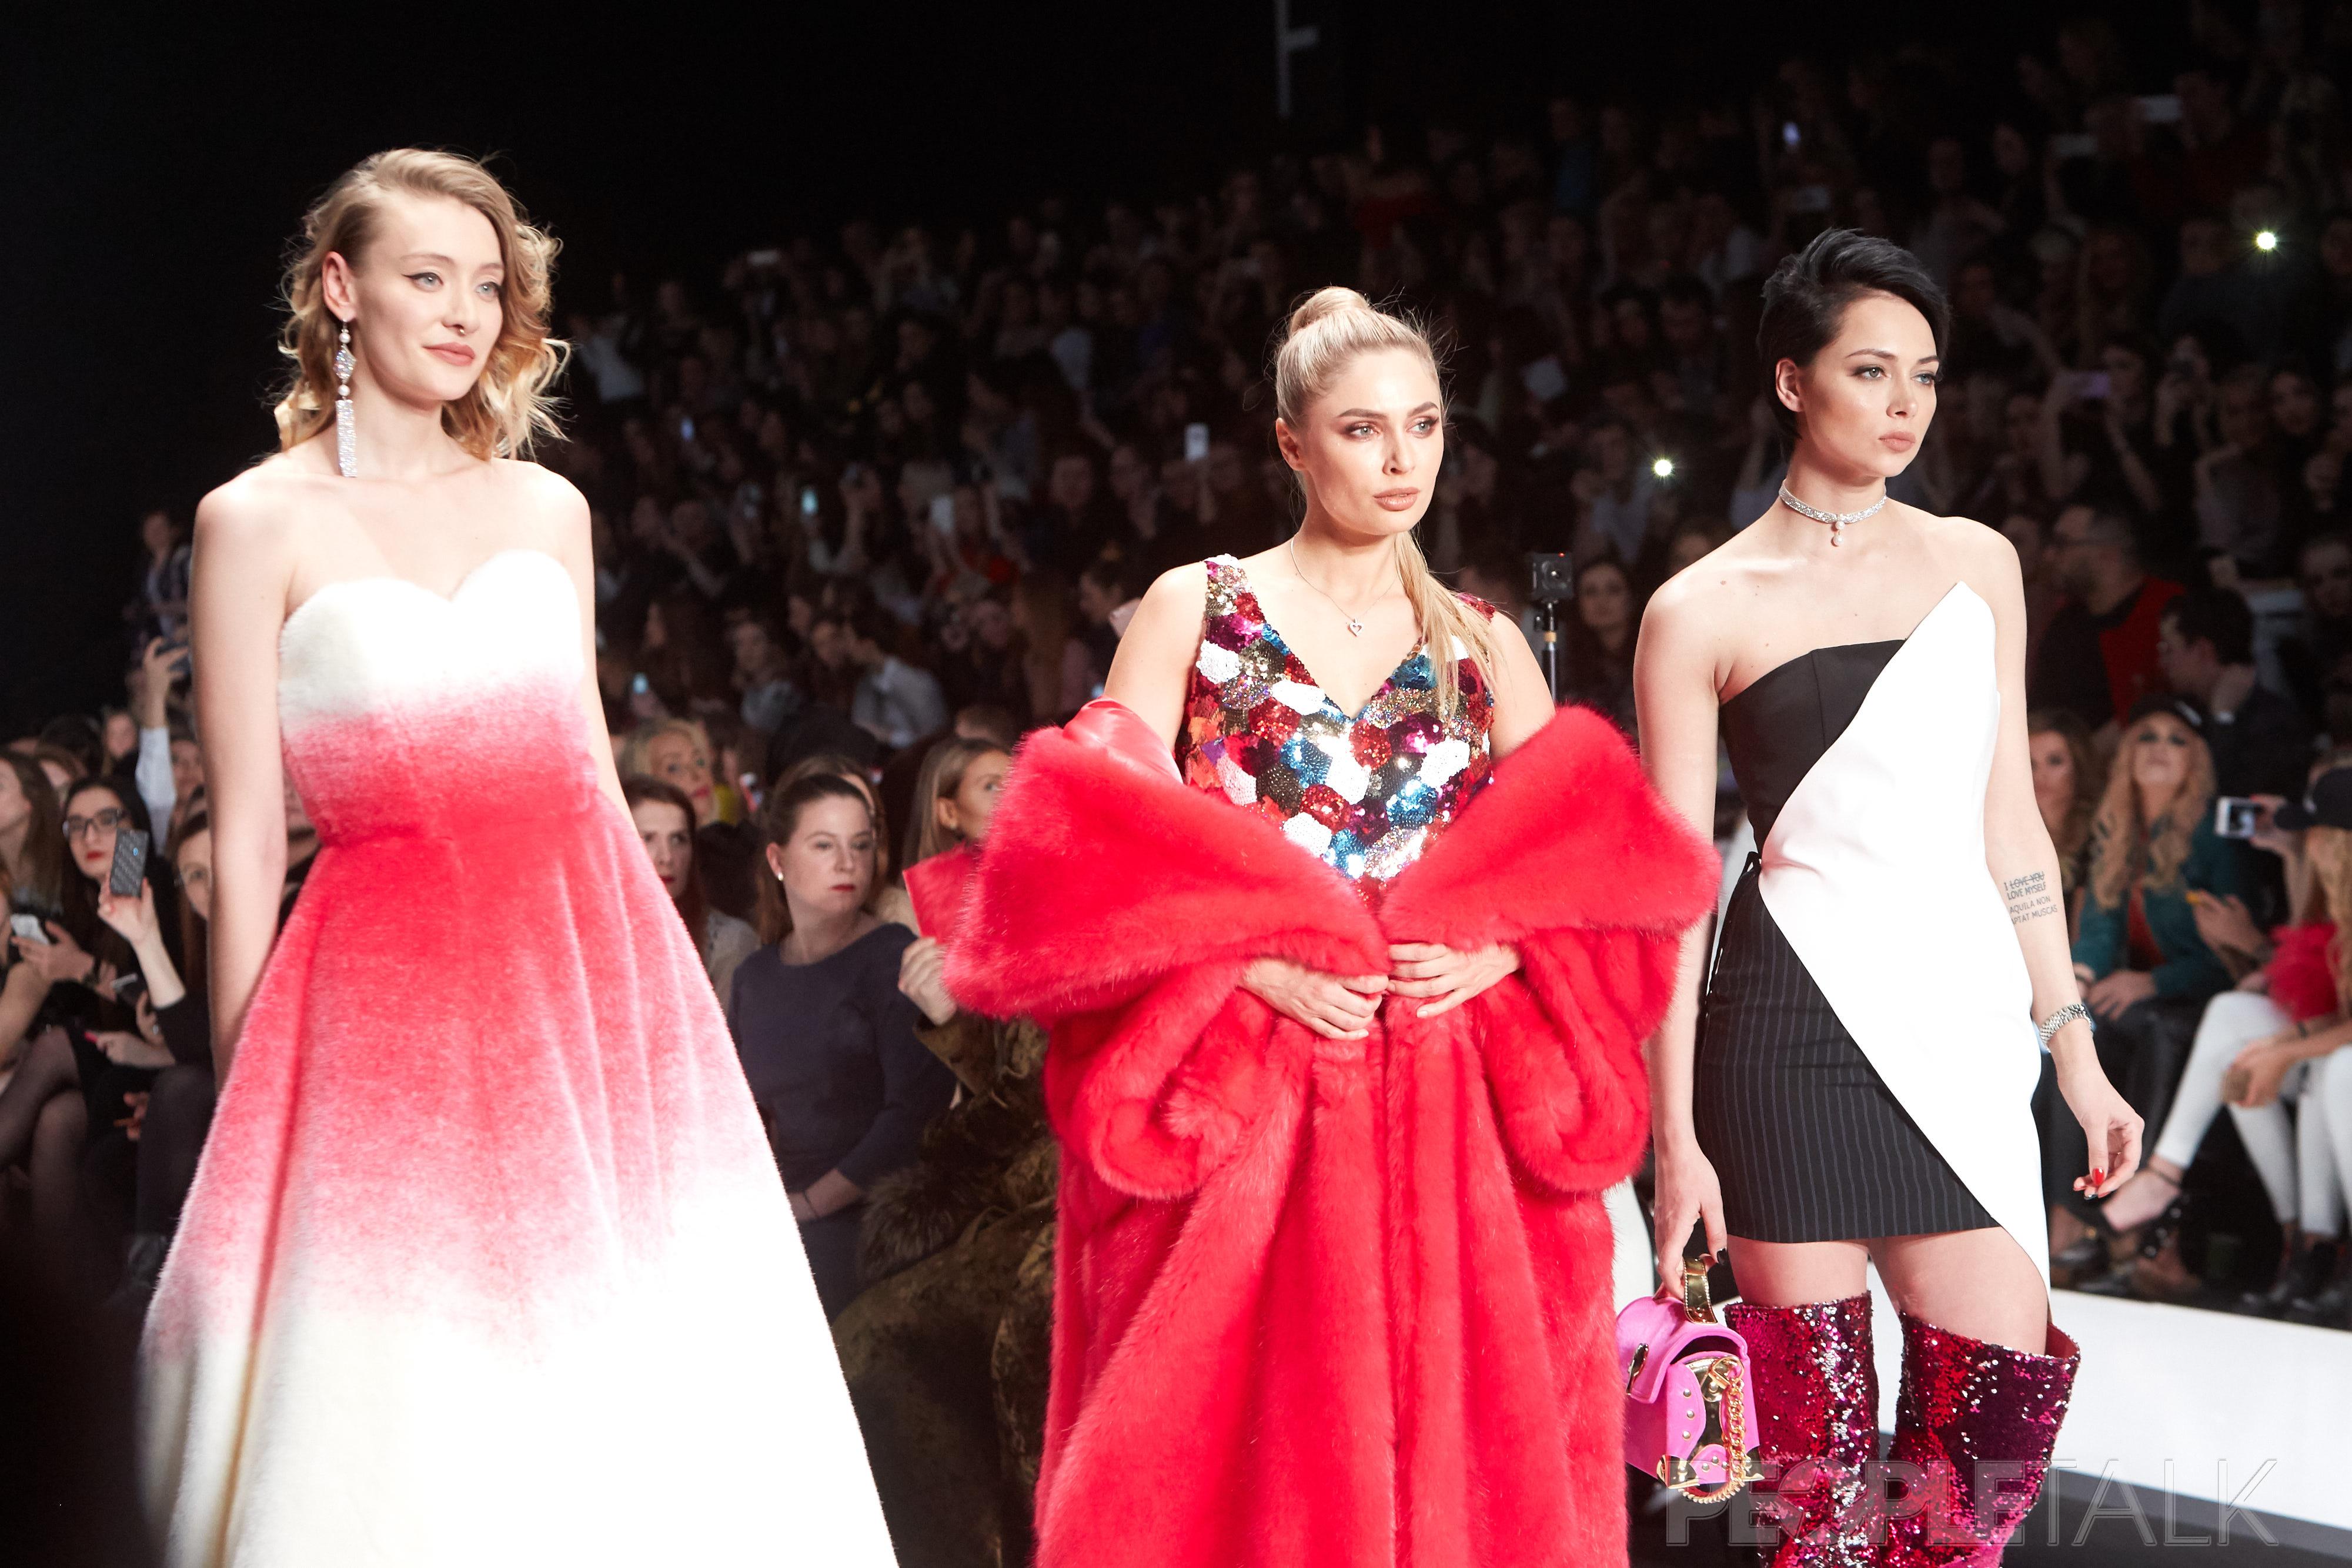 Мария Миногарова, Наталья Рудова и Настасья Самбурская